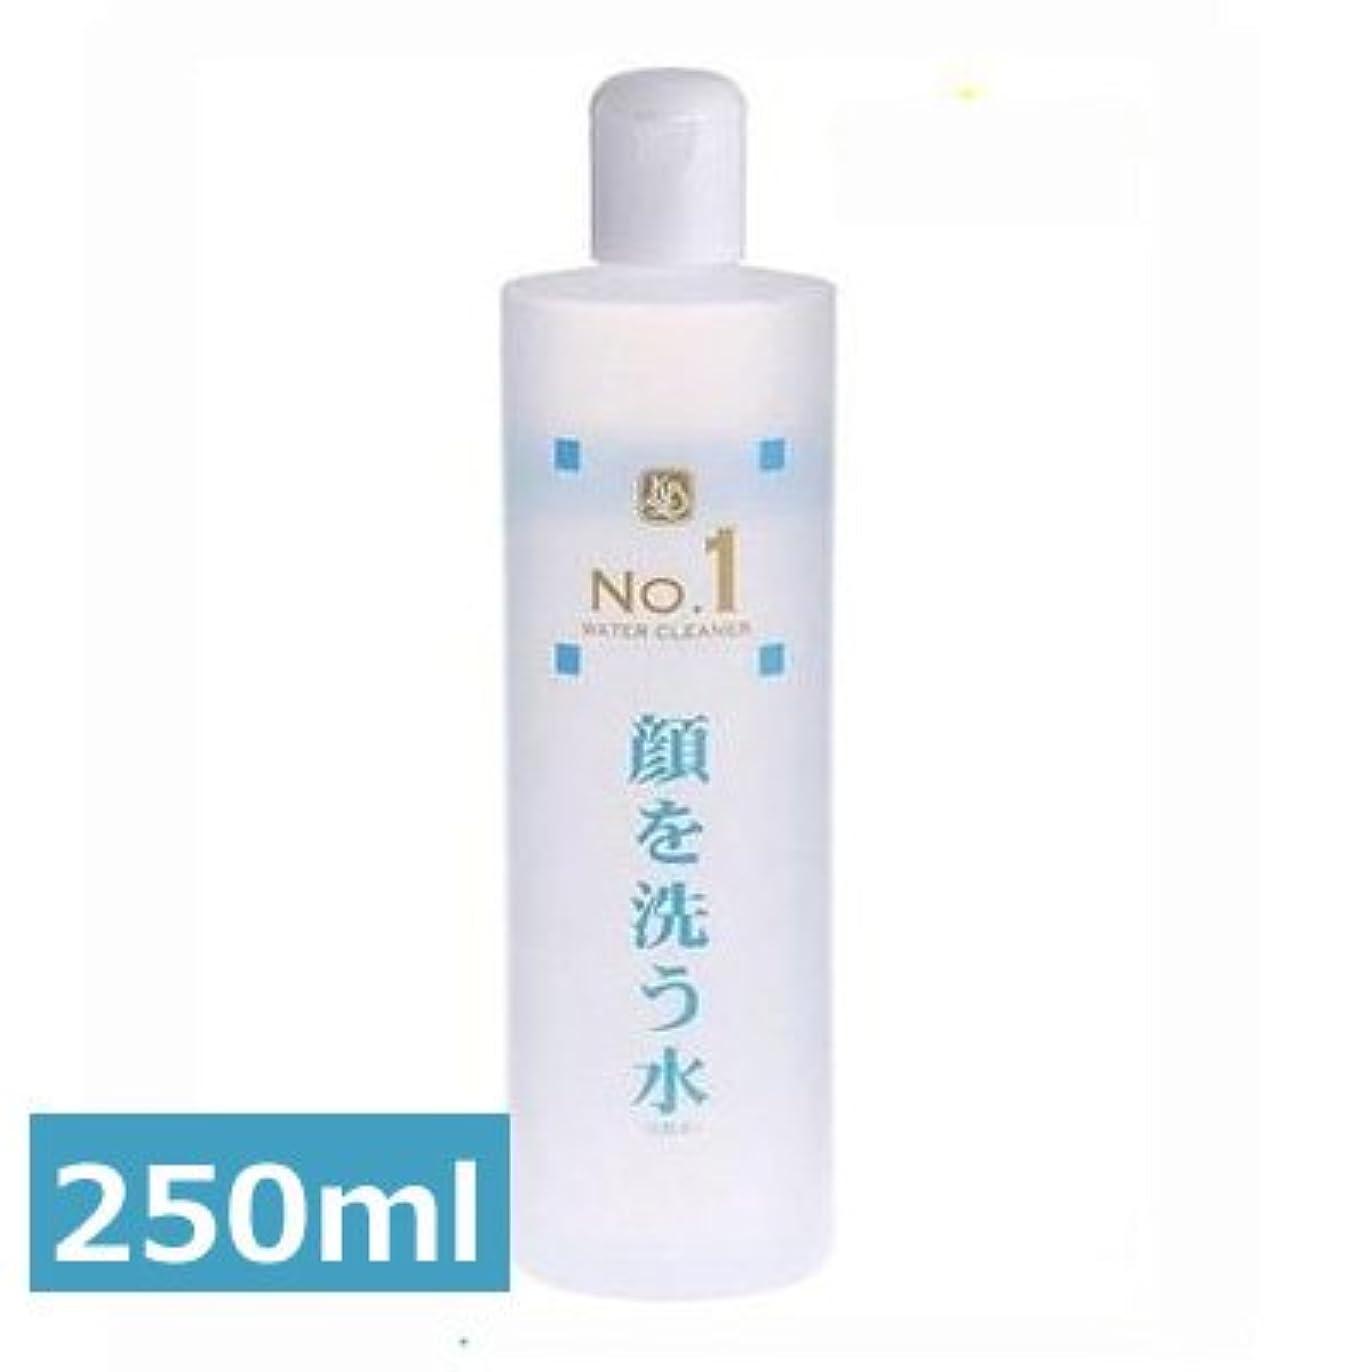 規則性無限大声でウォータークリーナー カミヤマ美研 顔を洗う水 No.1 250ml 2本セット